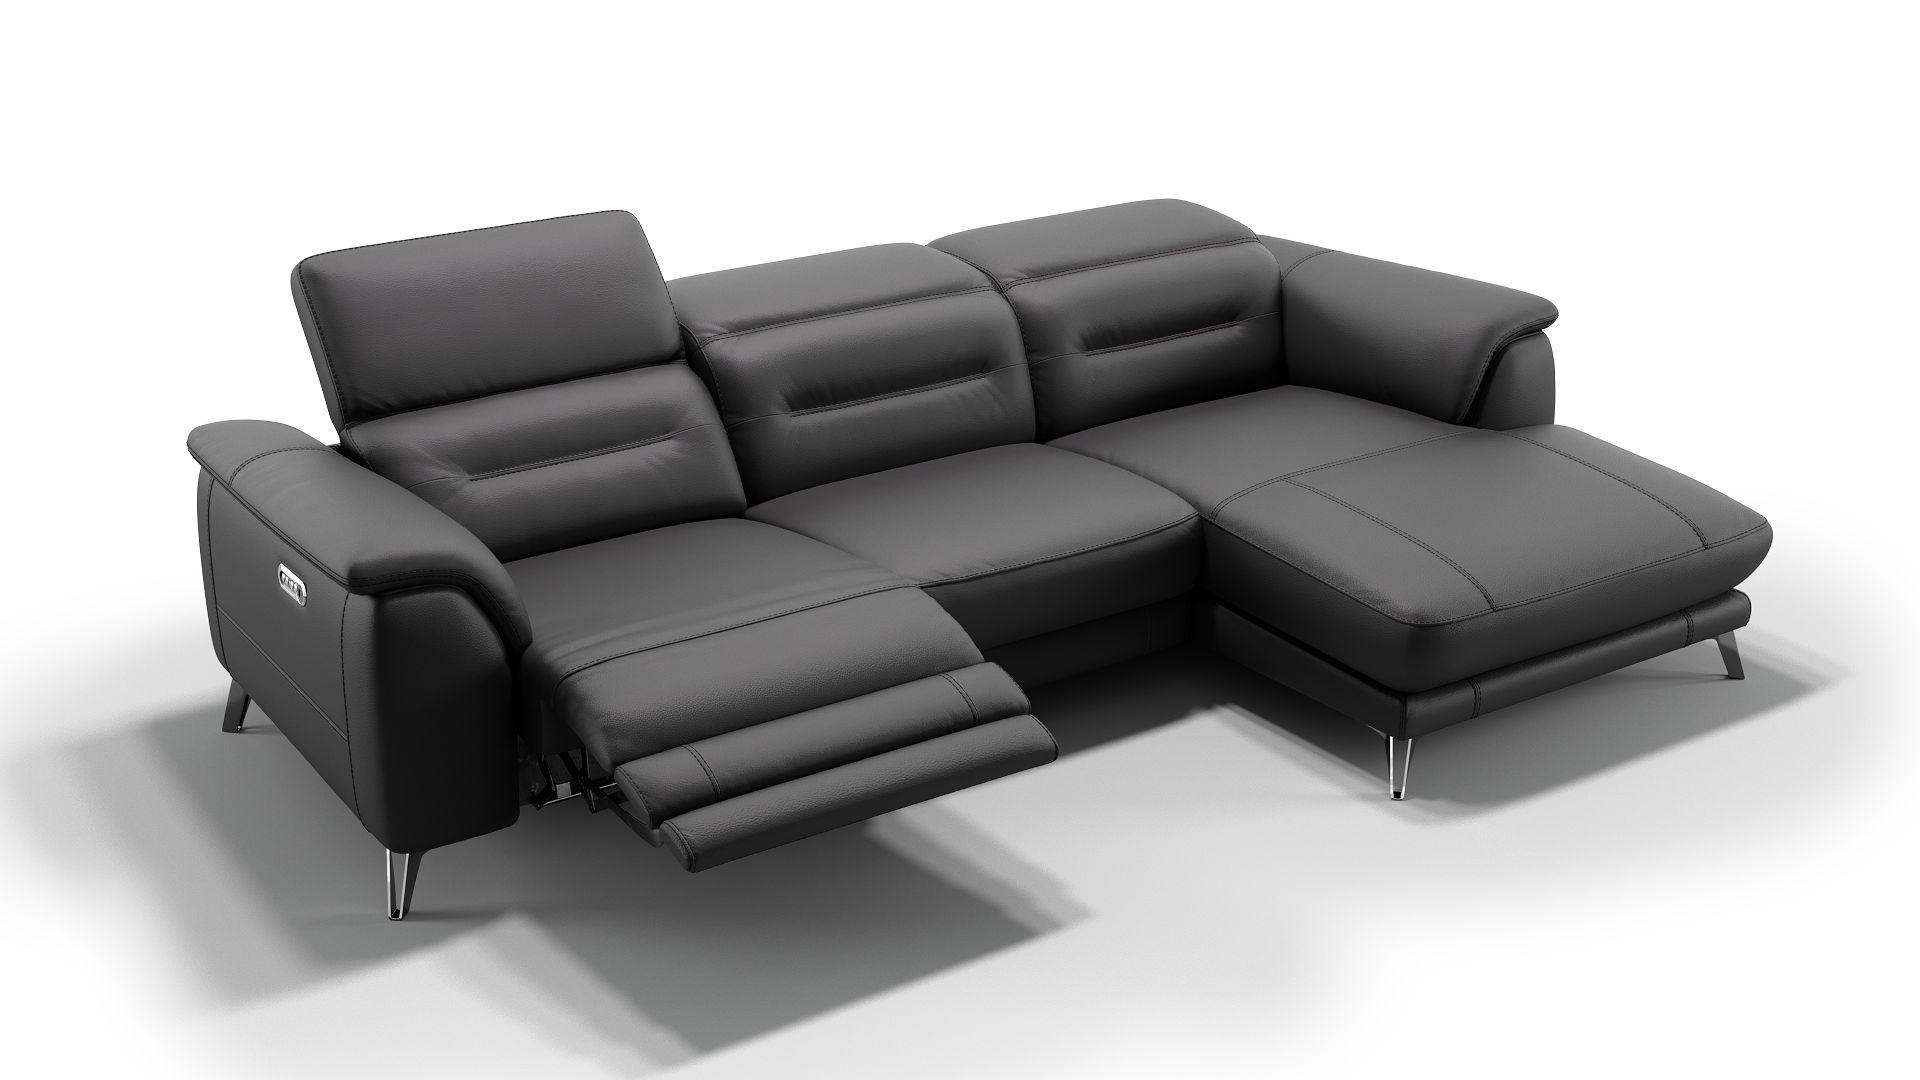 Full Size of Sofa Elektrisch Leder Polstergarnitur Gandino Sofanella Bezug Verkaufen Rundes 2 Sitzer Mit Relaxfunktion Boxspring Polsterreiniger Schlaffunktion Canape Sofa Sofa Elektrisch